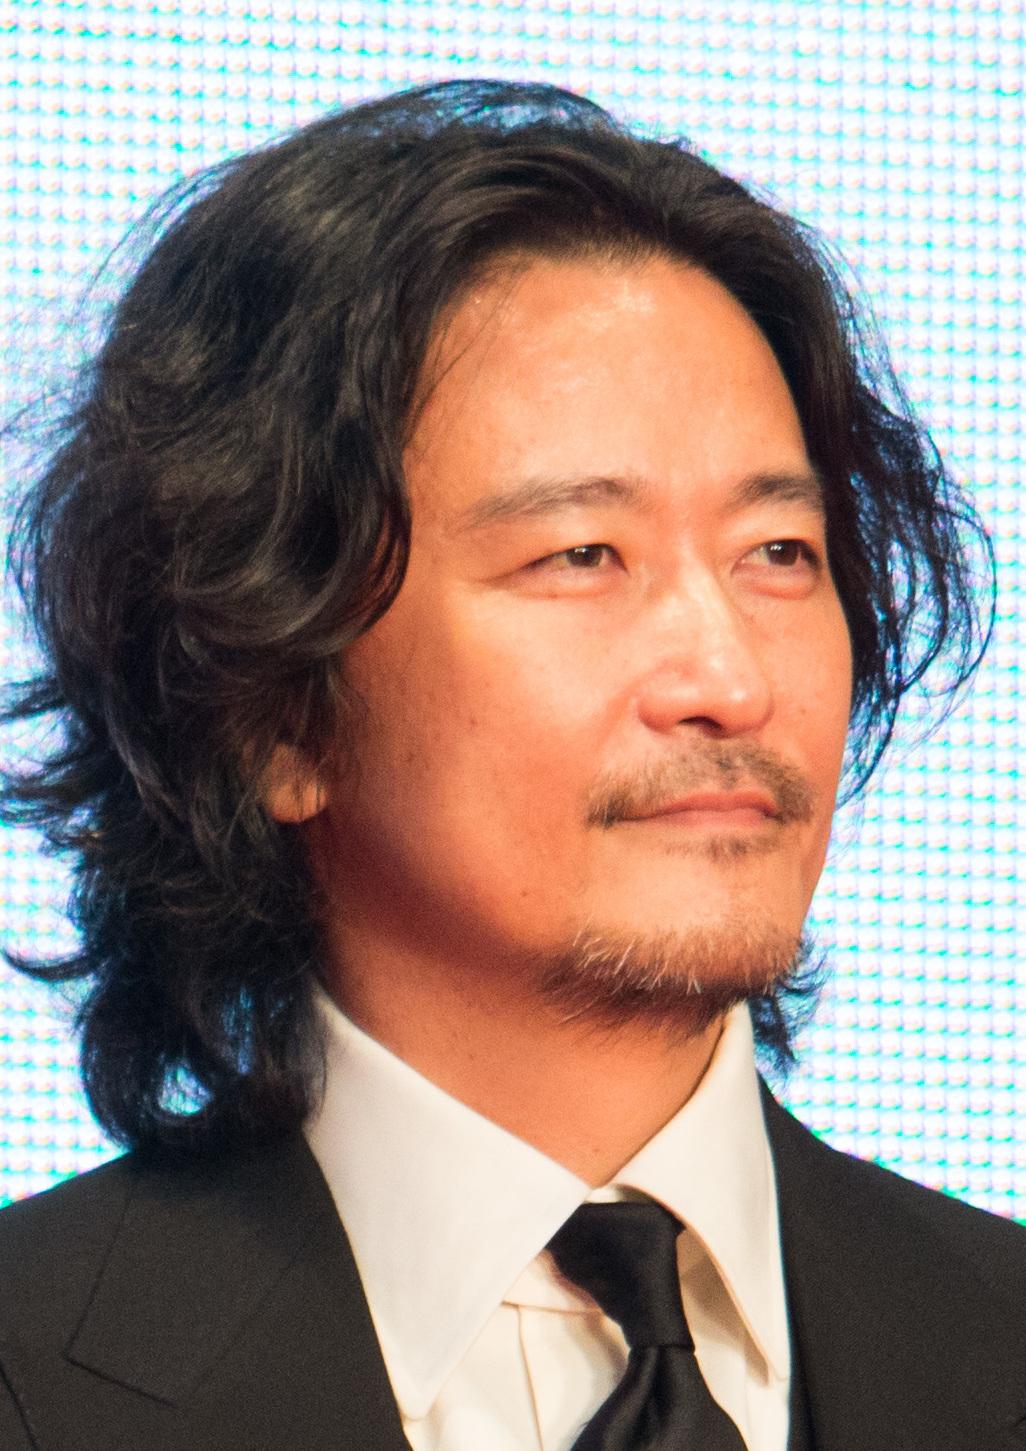 Image of Kazuaki Kiriya from Wikidata